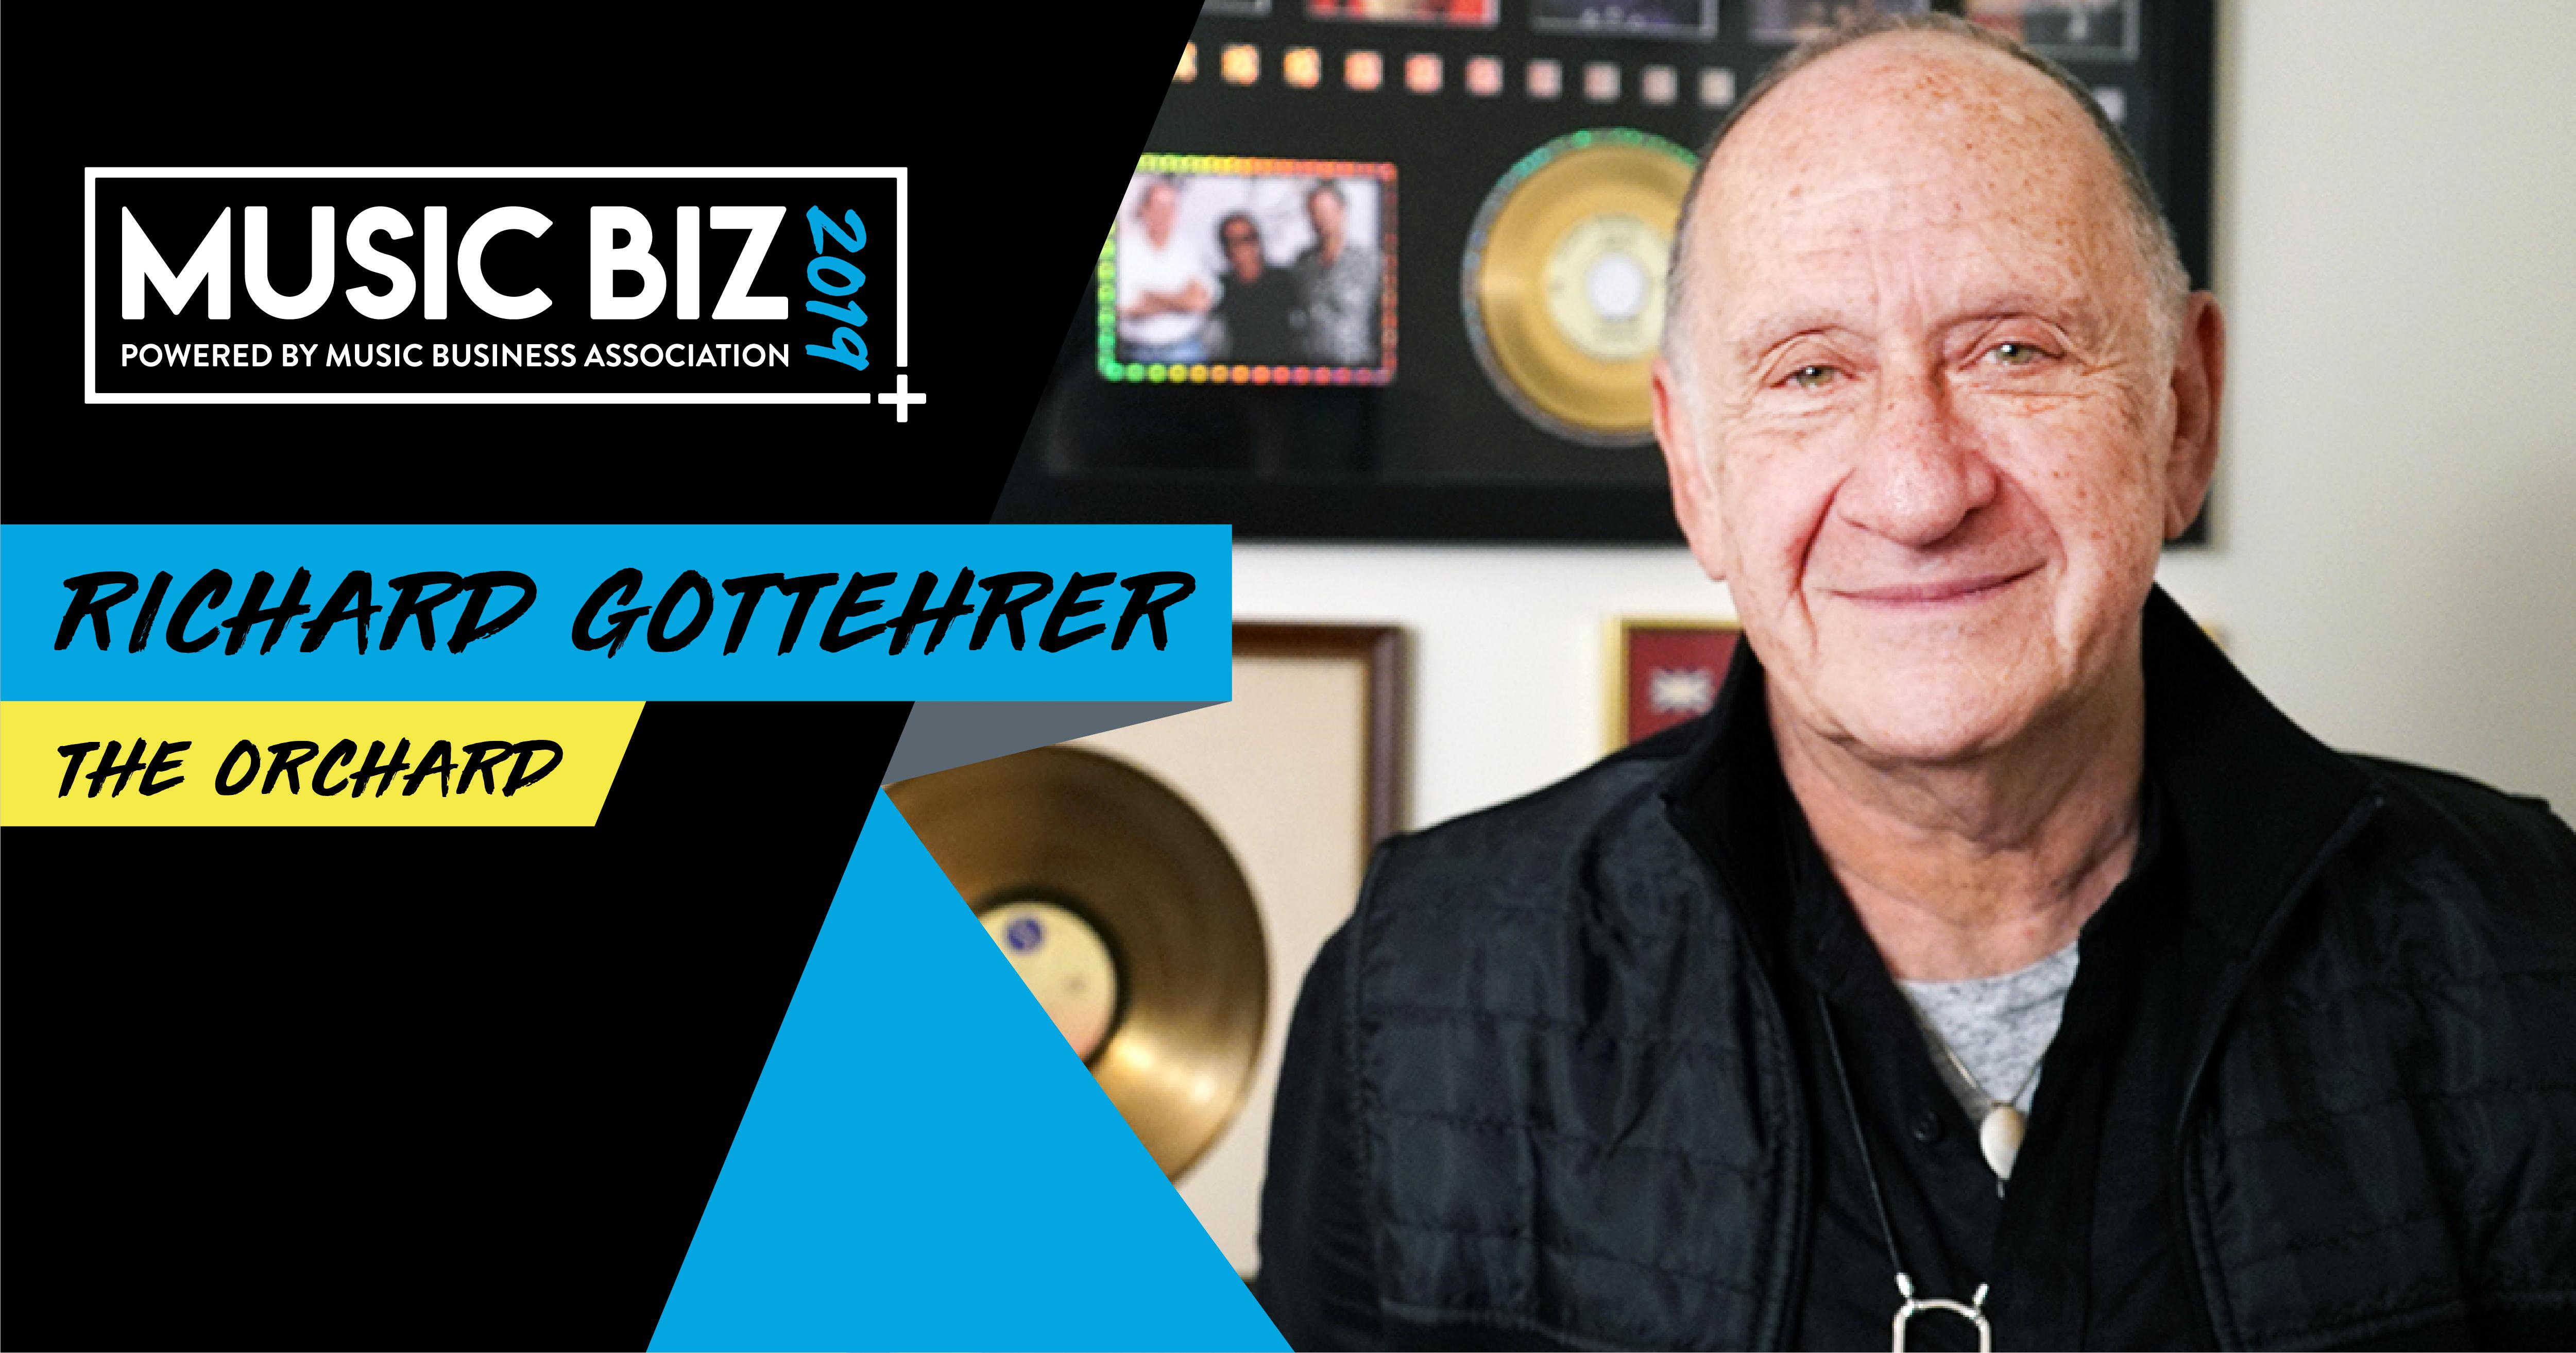 Co-Founder Richard Gottehrer Recipient of Music Biz 2019 Outstanding Achievement Award